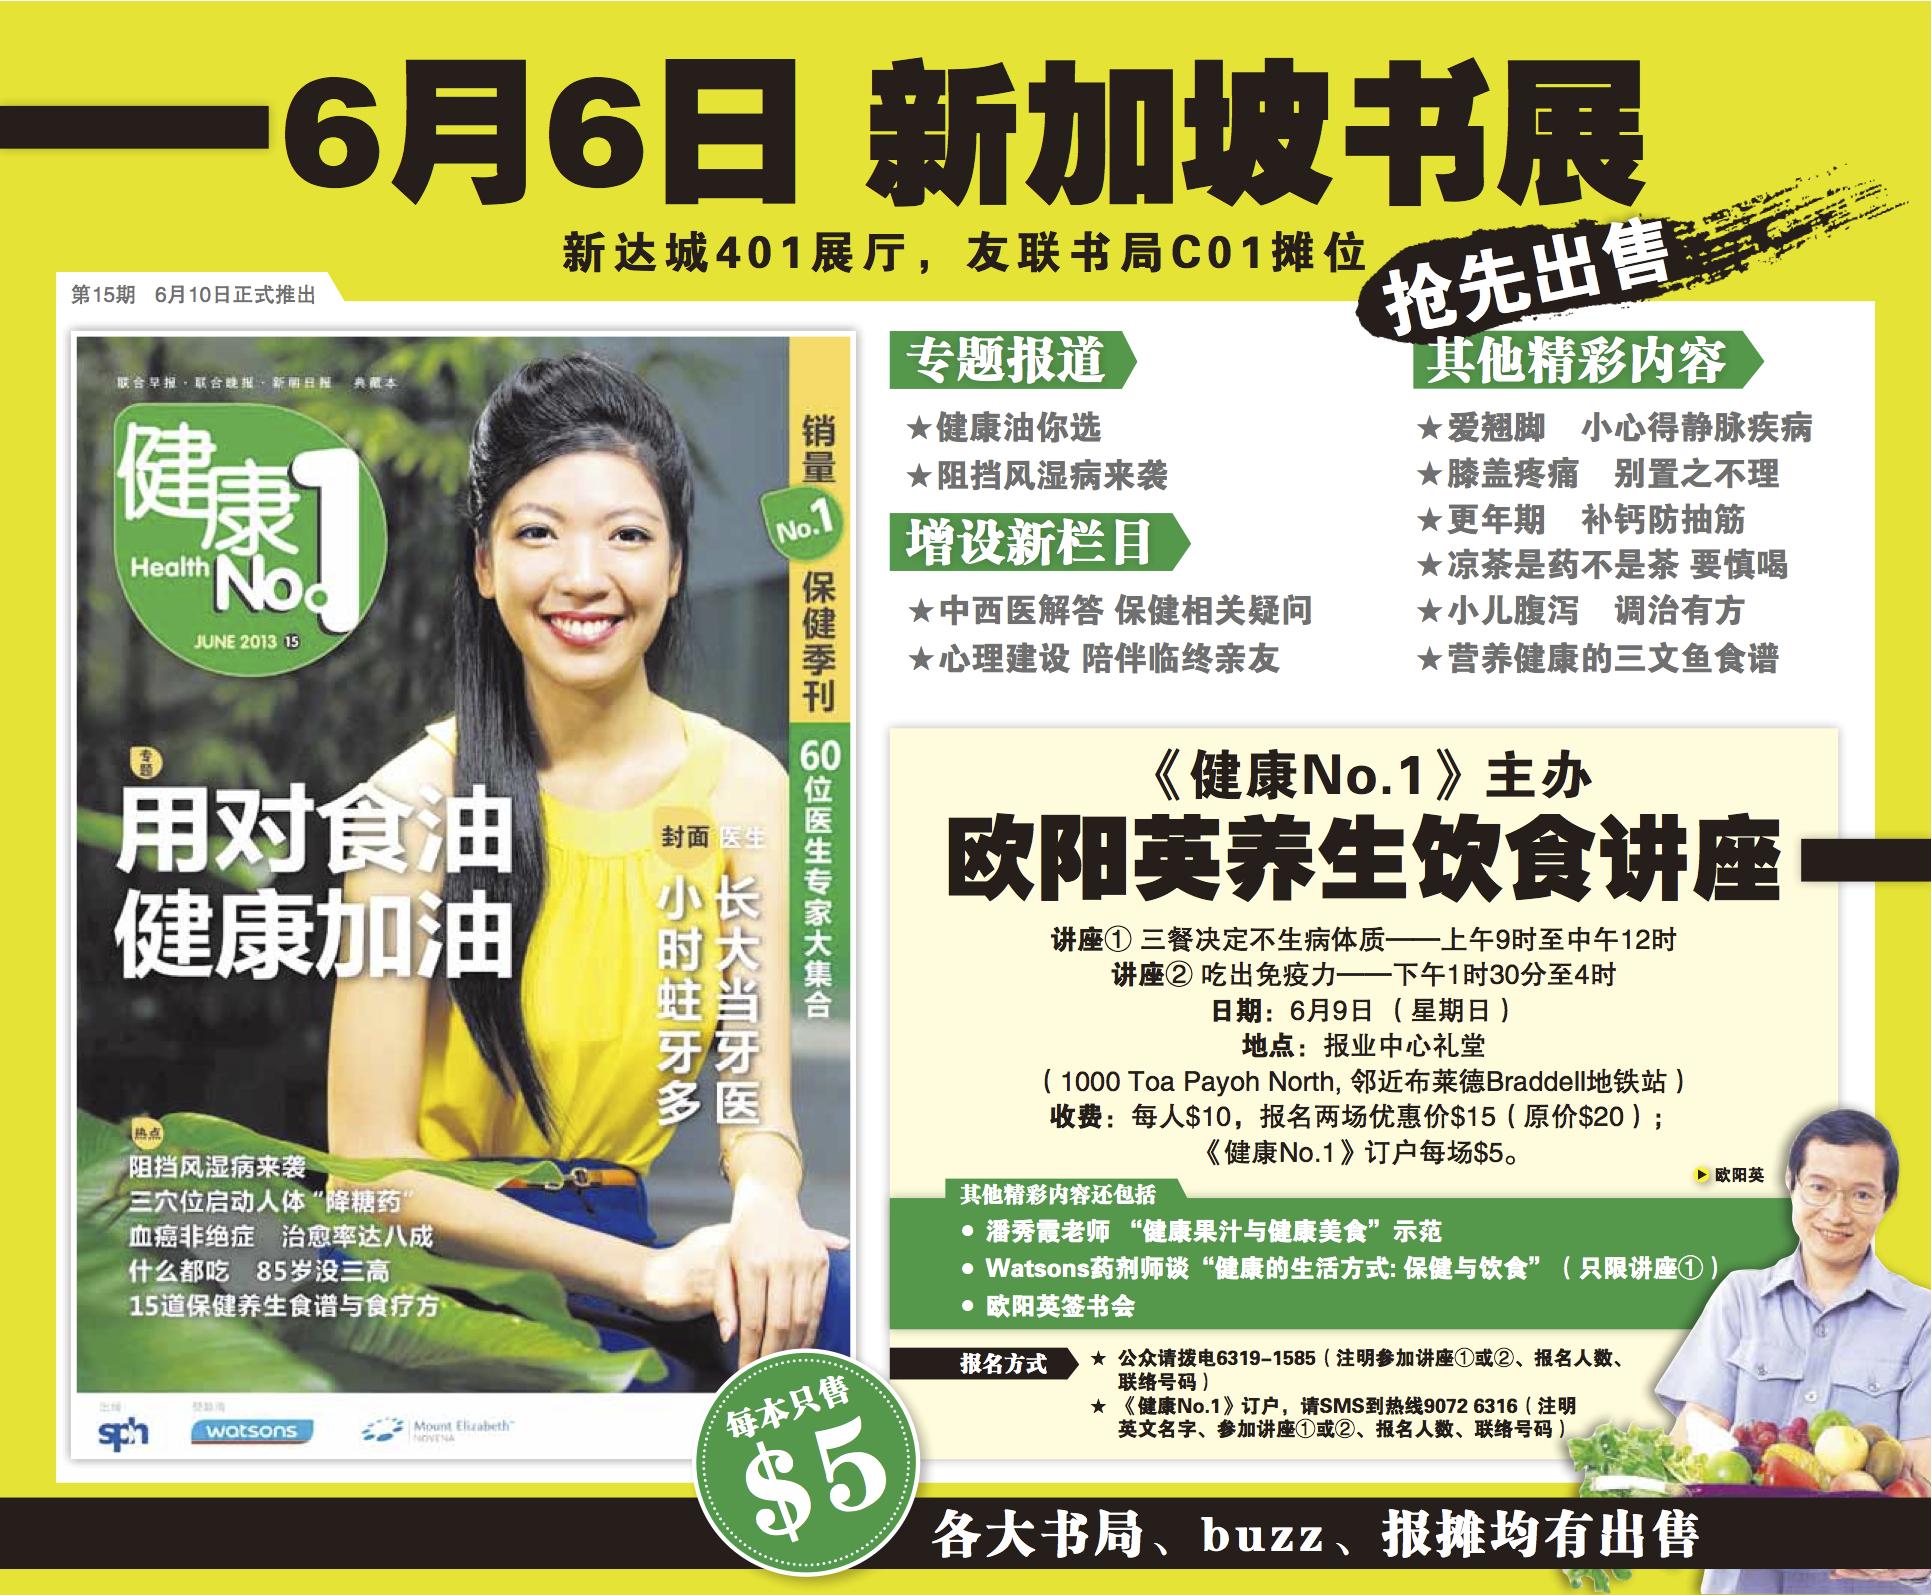 book fair promo